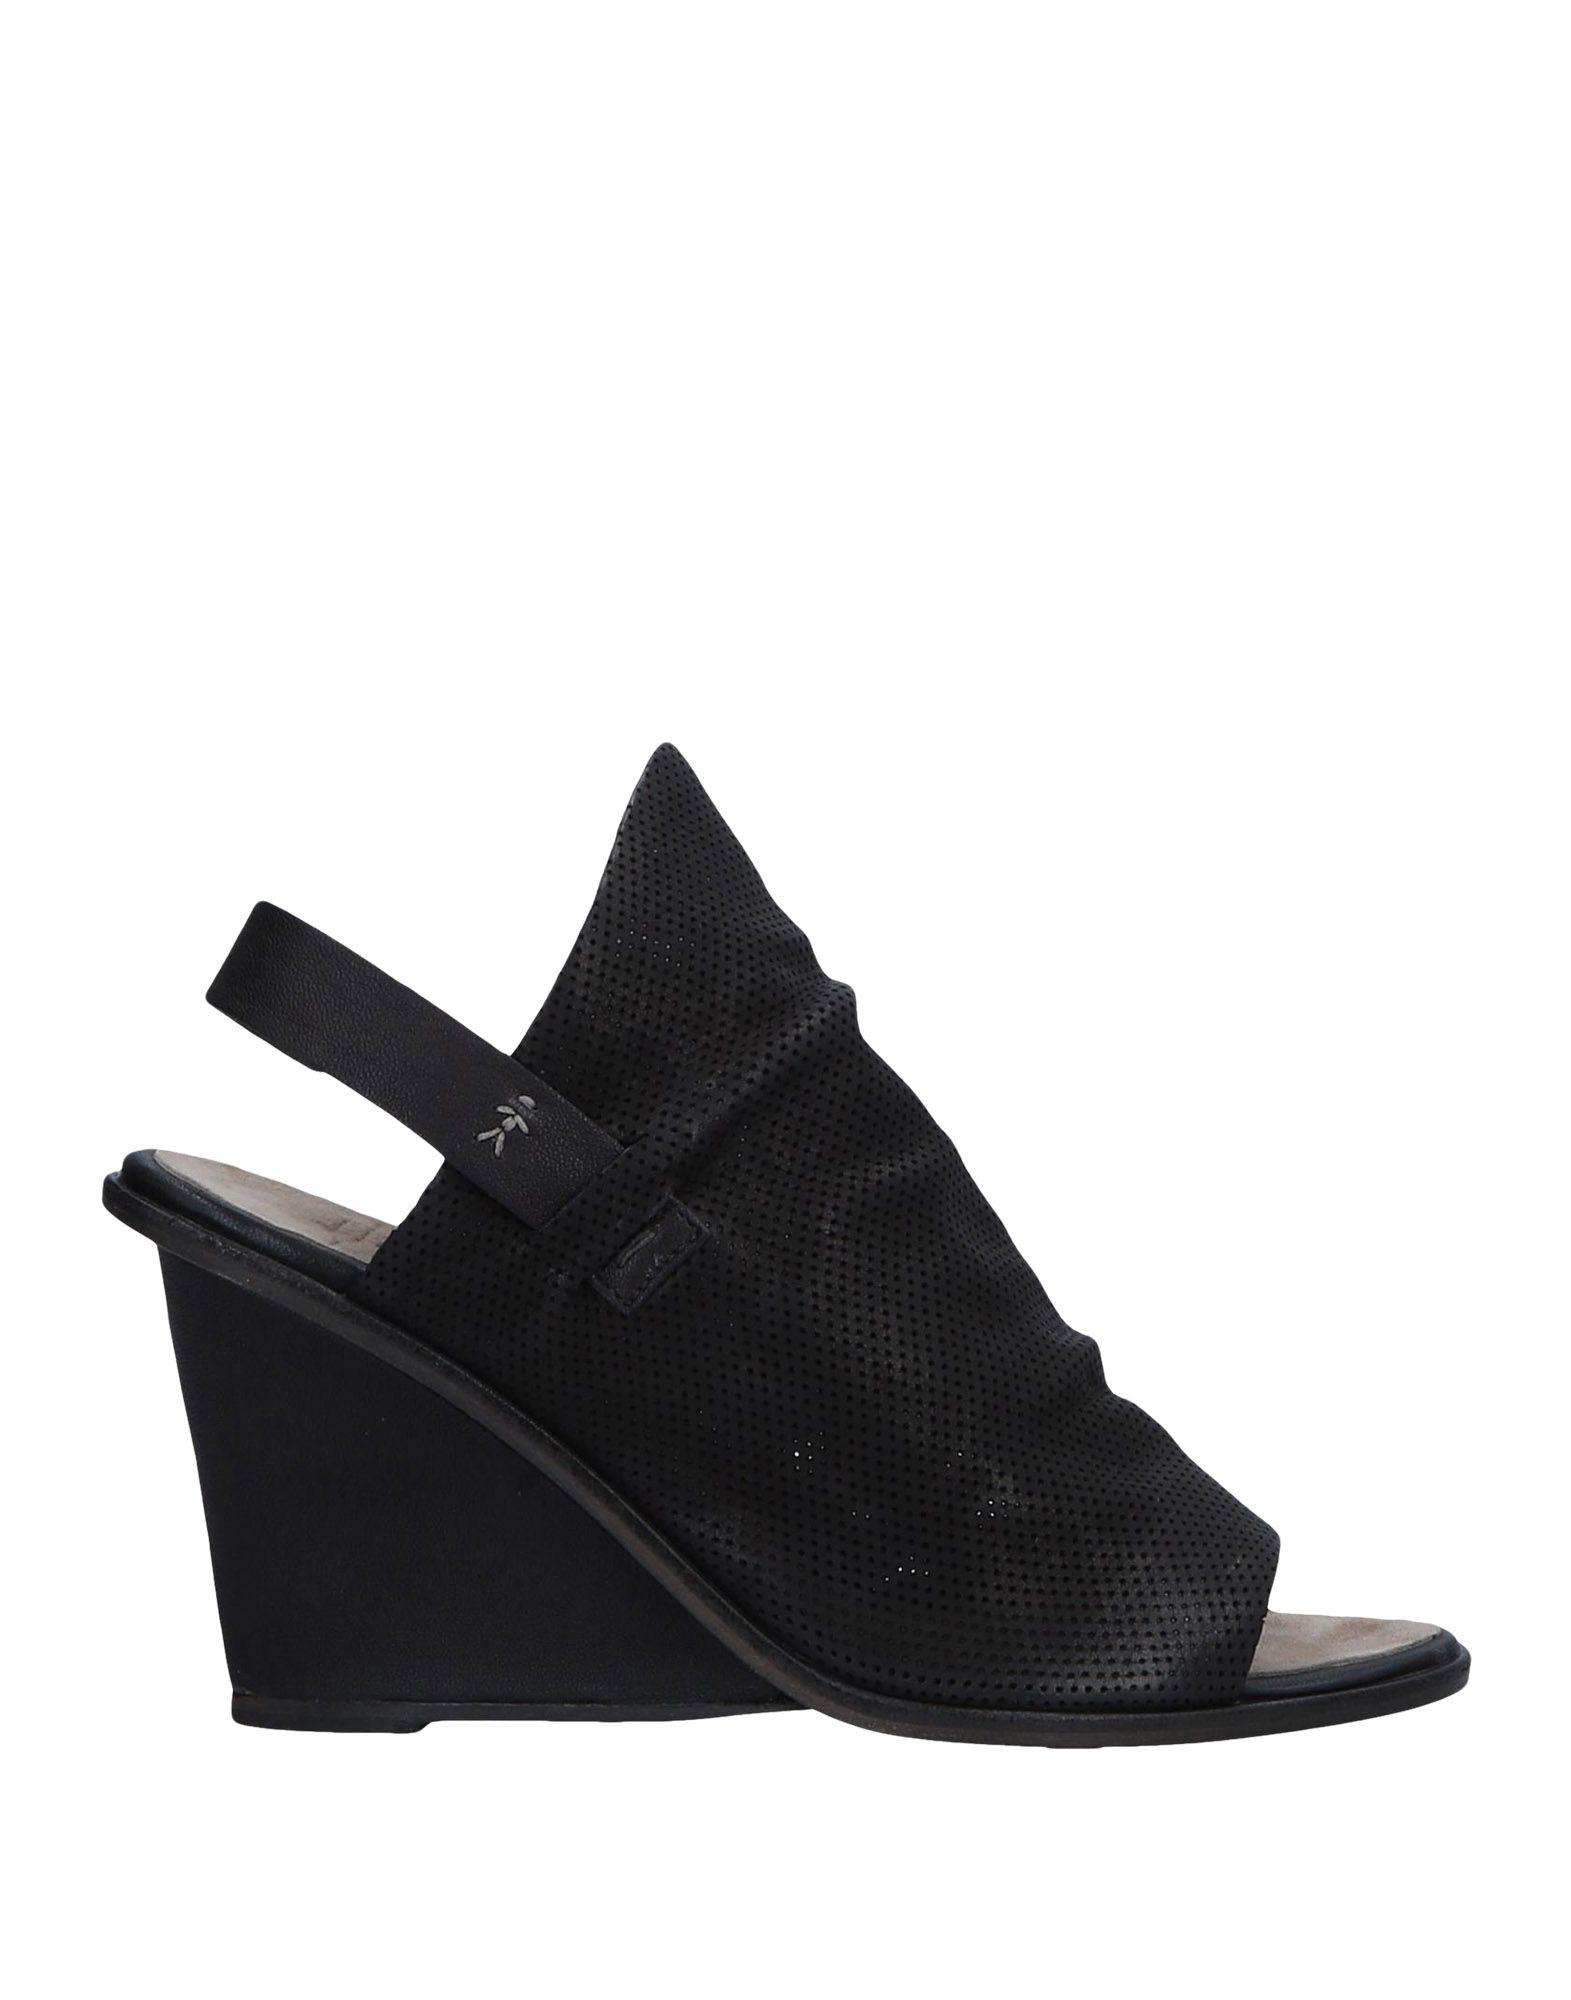 Rabatt Schuhe  Henry Beguelin Sandalen Damen  Schuhe 11506732FR 61ef53